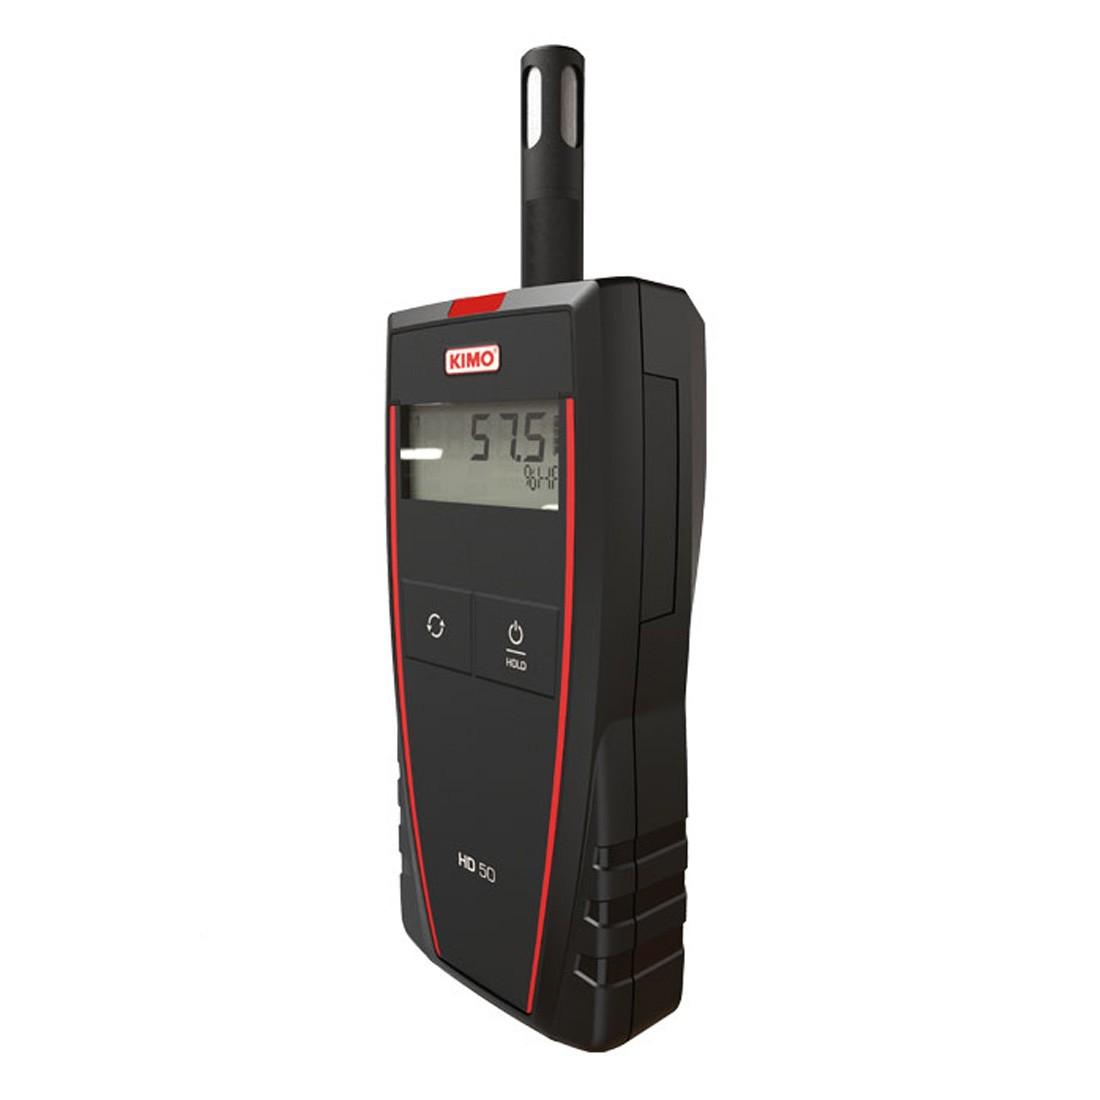 KIMO HD 50 Thermo-Hygrometer für Temperatur, Feuchte